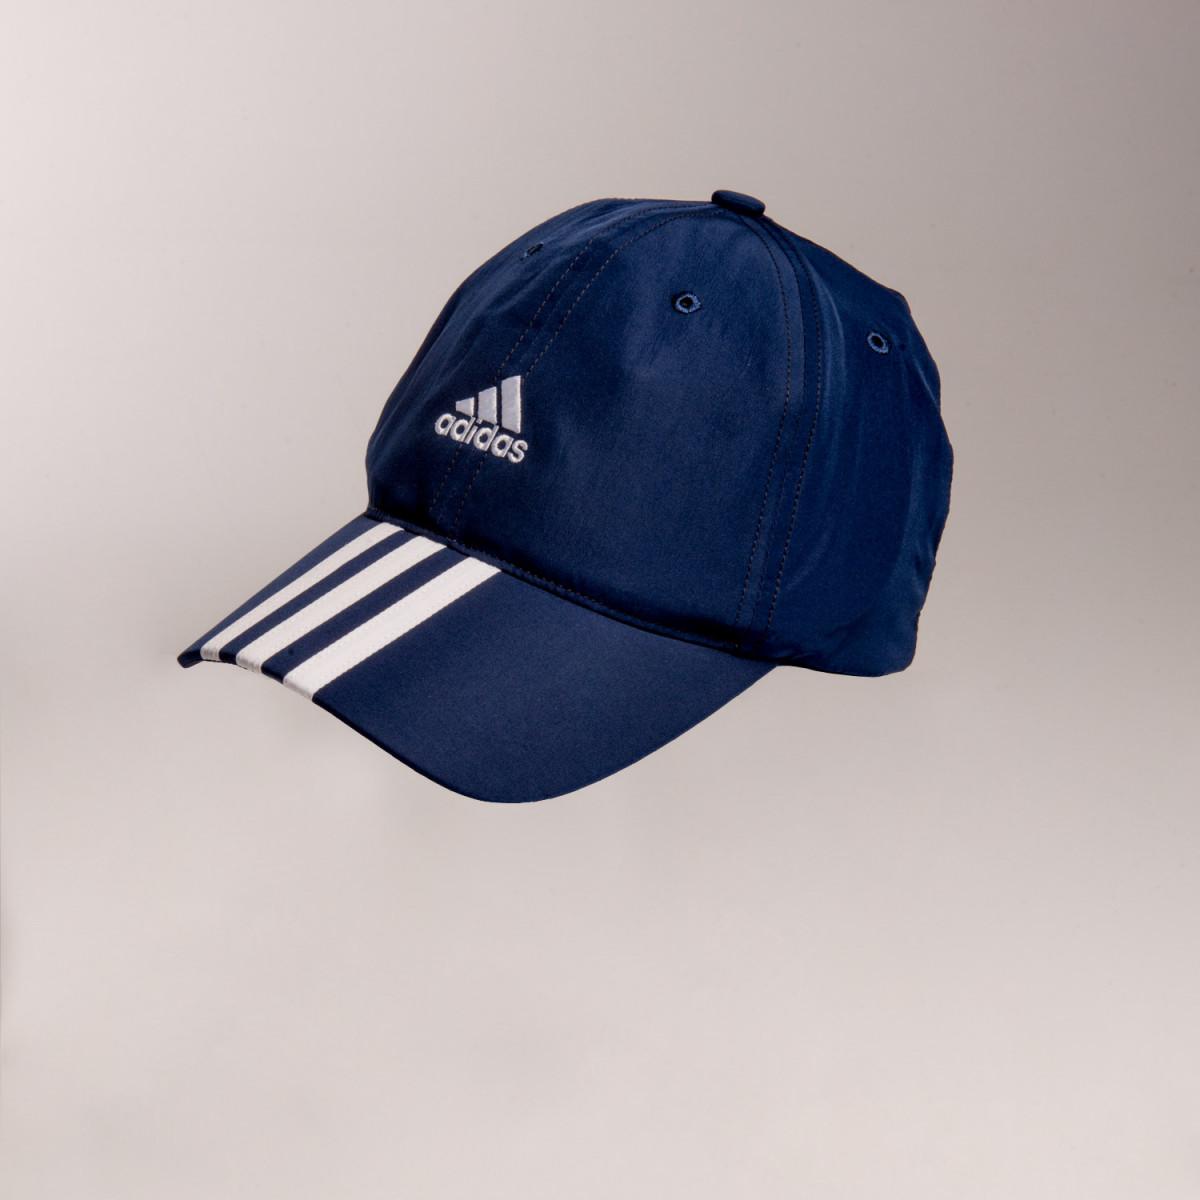 GORRA ADIDAS ESSENTIALS 3S CAP